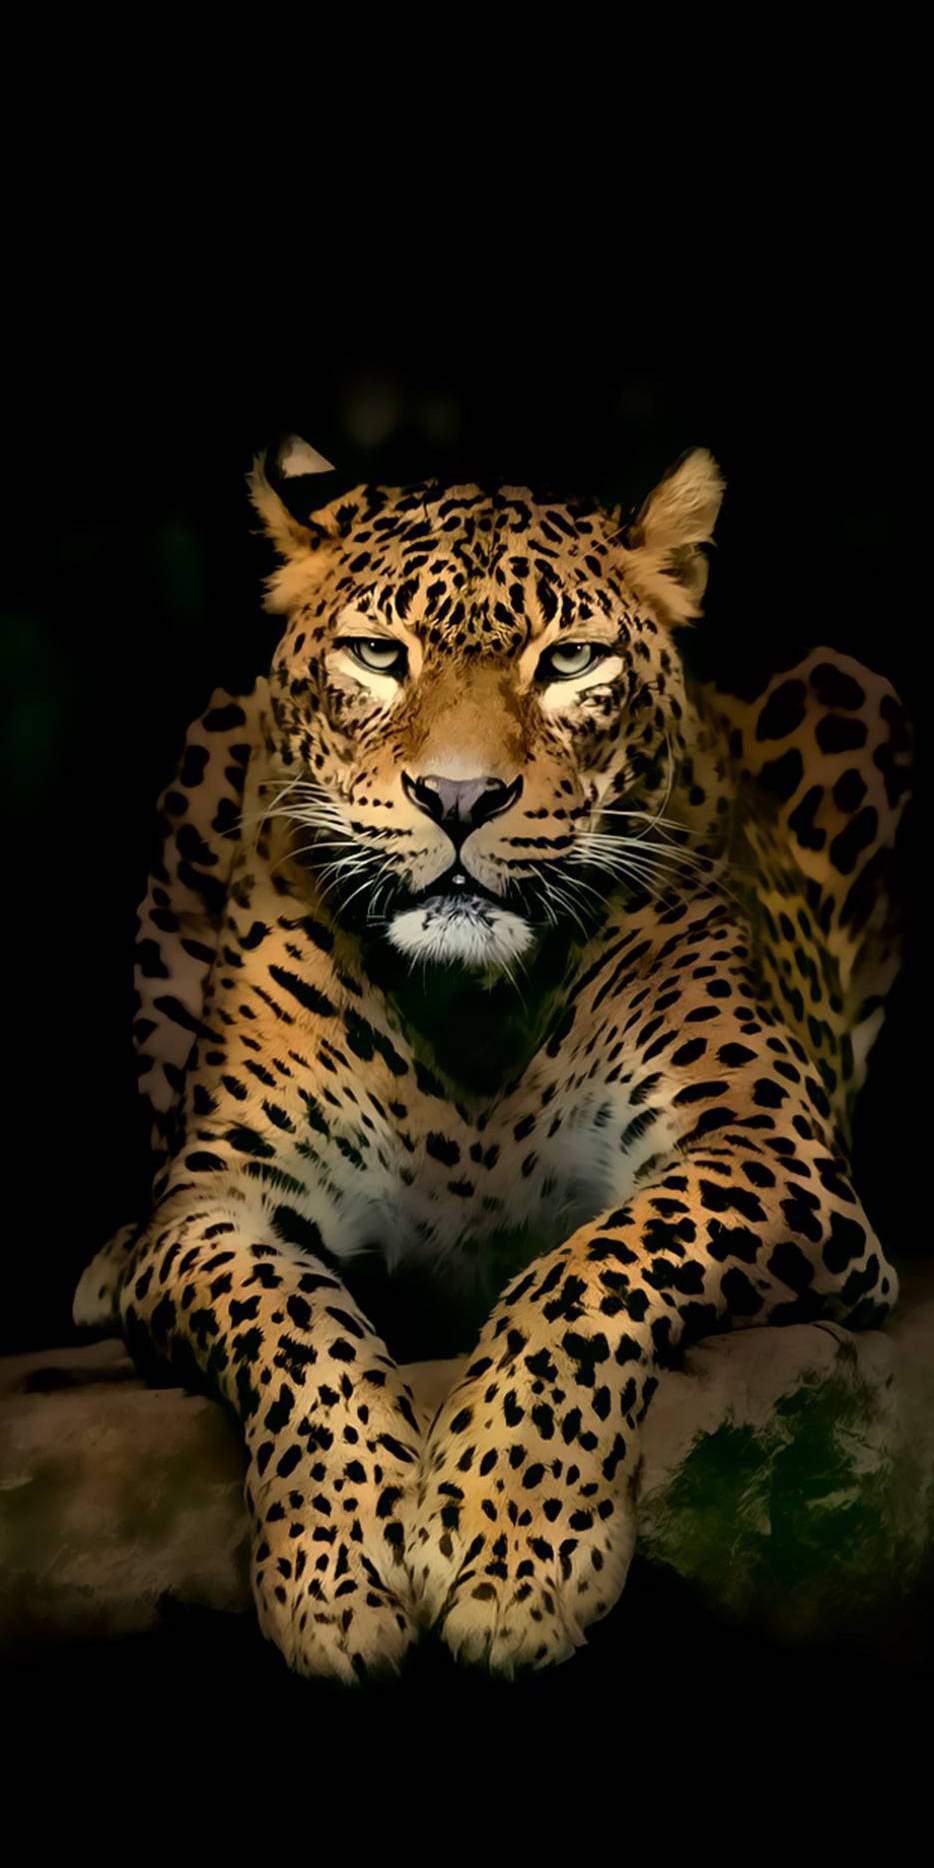 Leopard in Dark iPhone Wallpaper